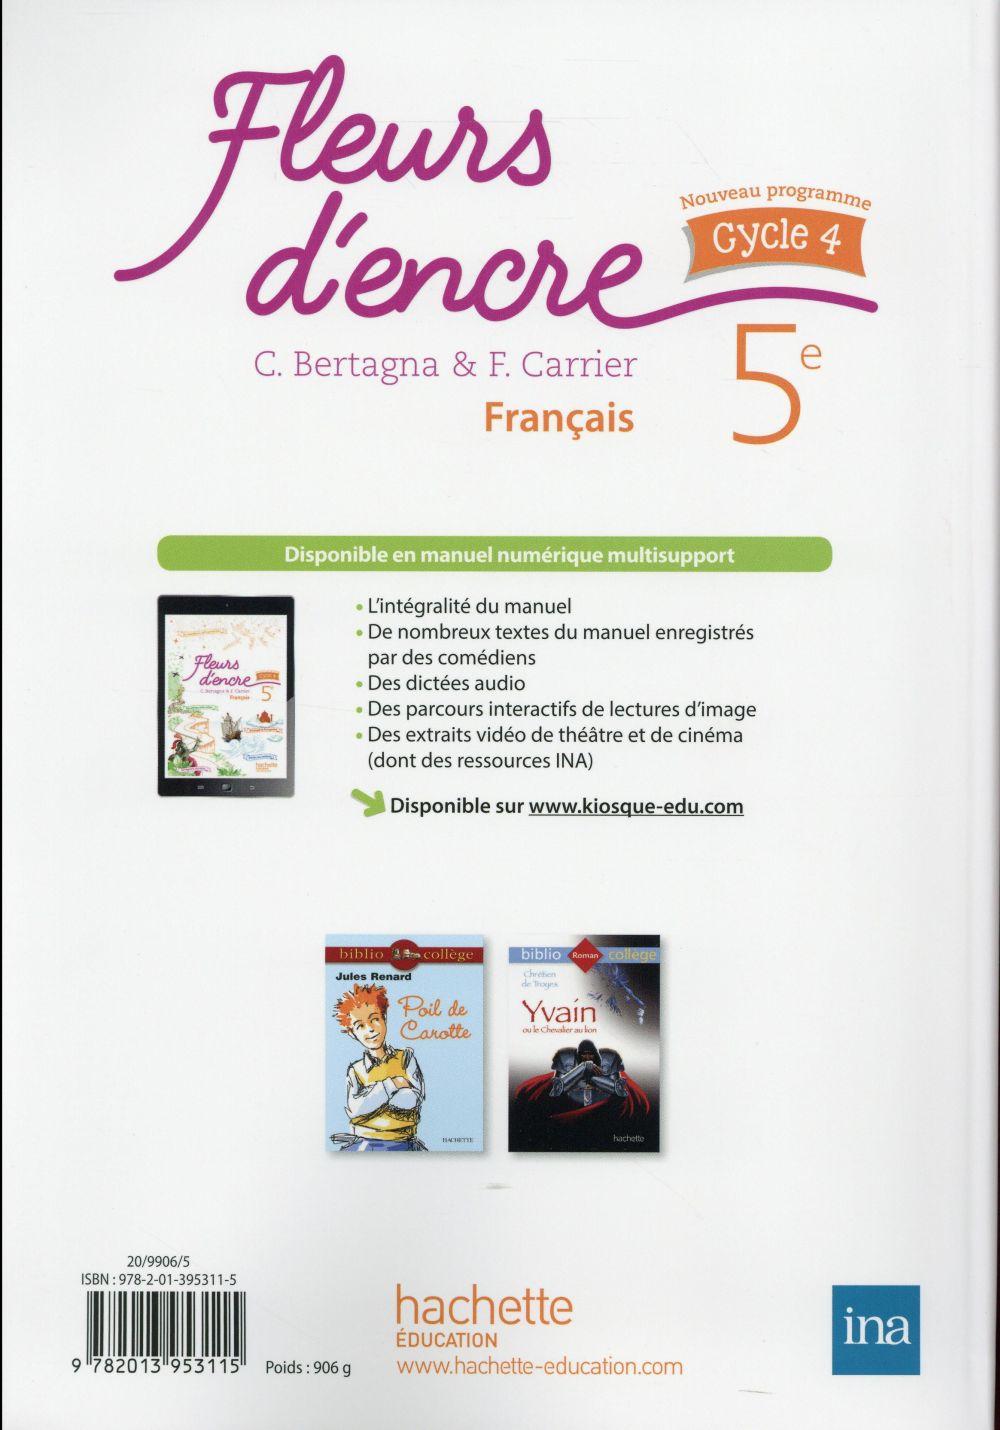 Fleurs D Encre Francais Cycle 4 5eme Livre De L Eleve Edition 2016 Chantal Bertagna Francoise Carrier Hachette Education Grand Format